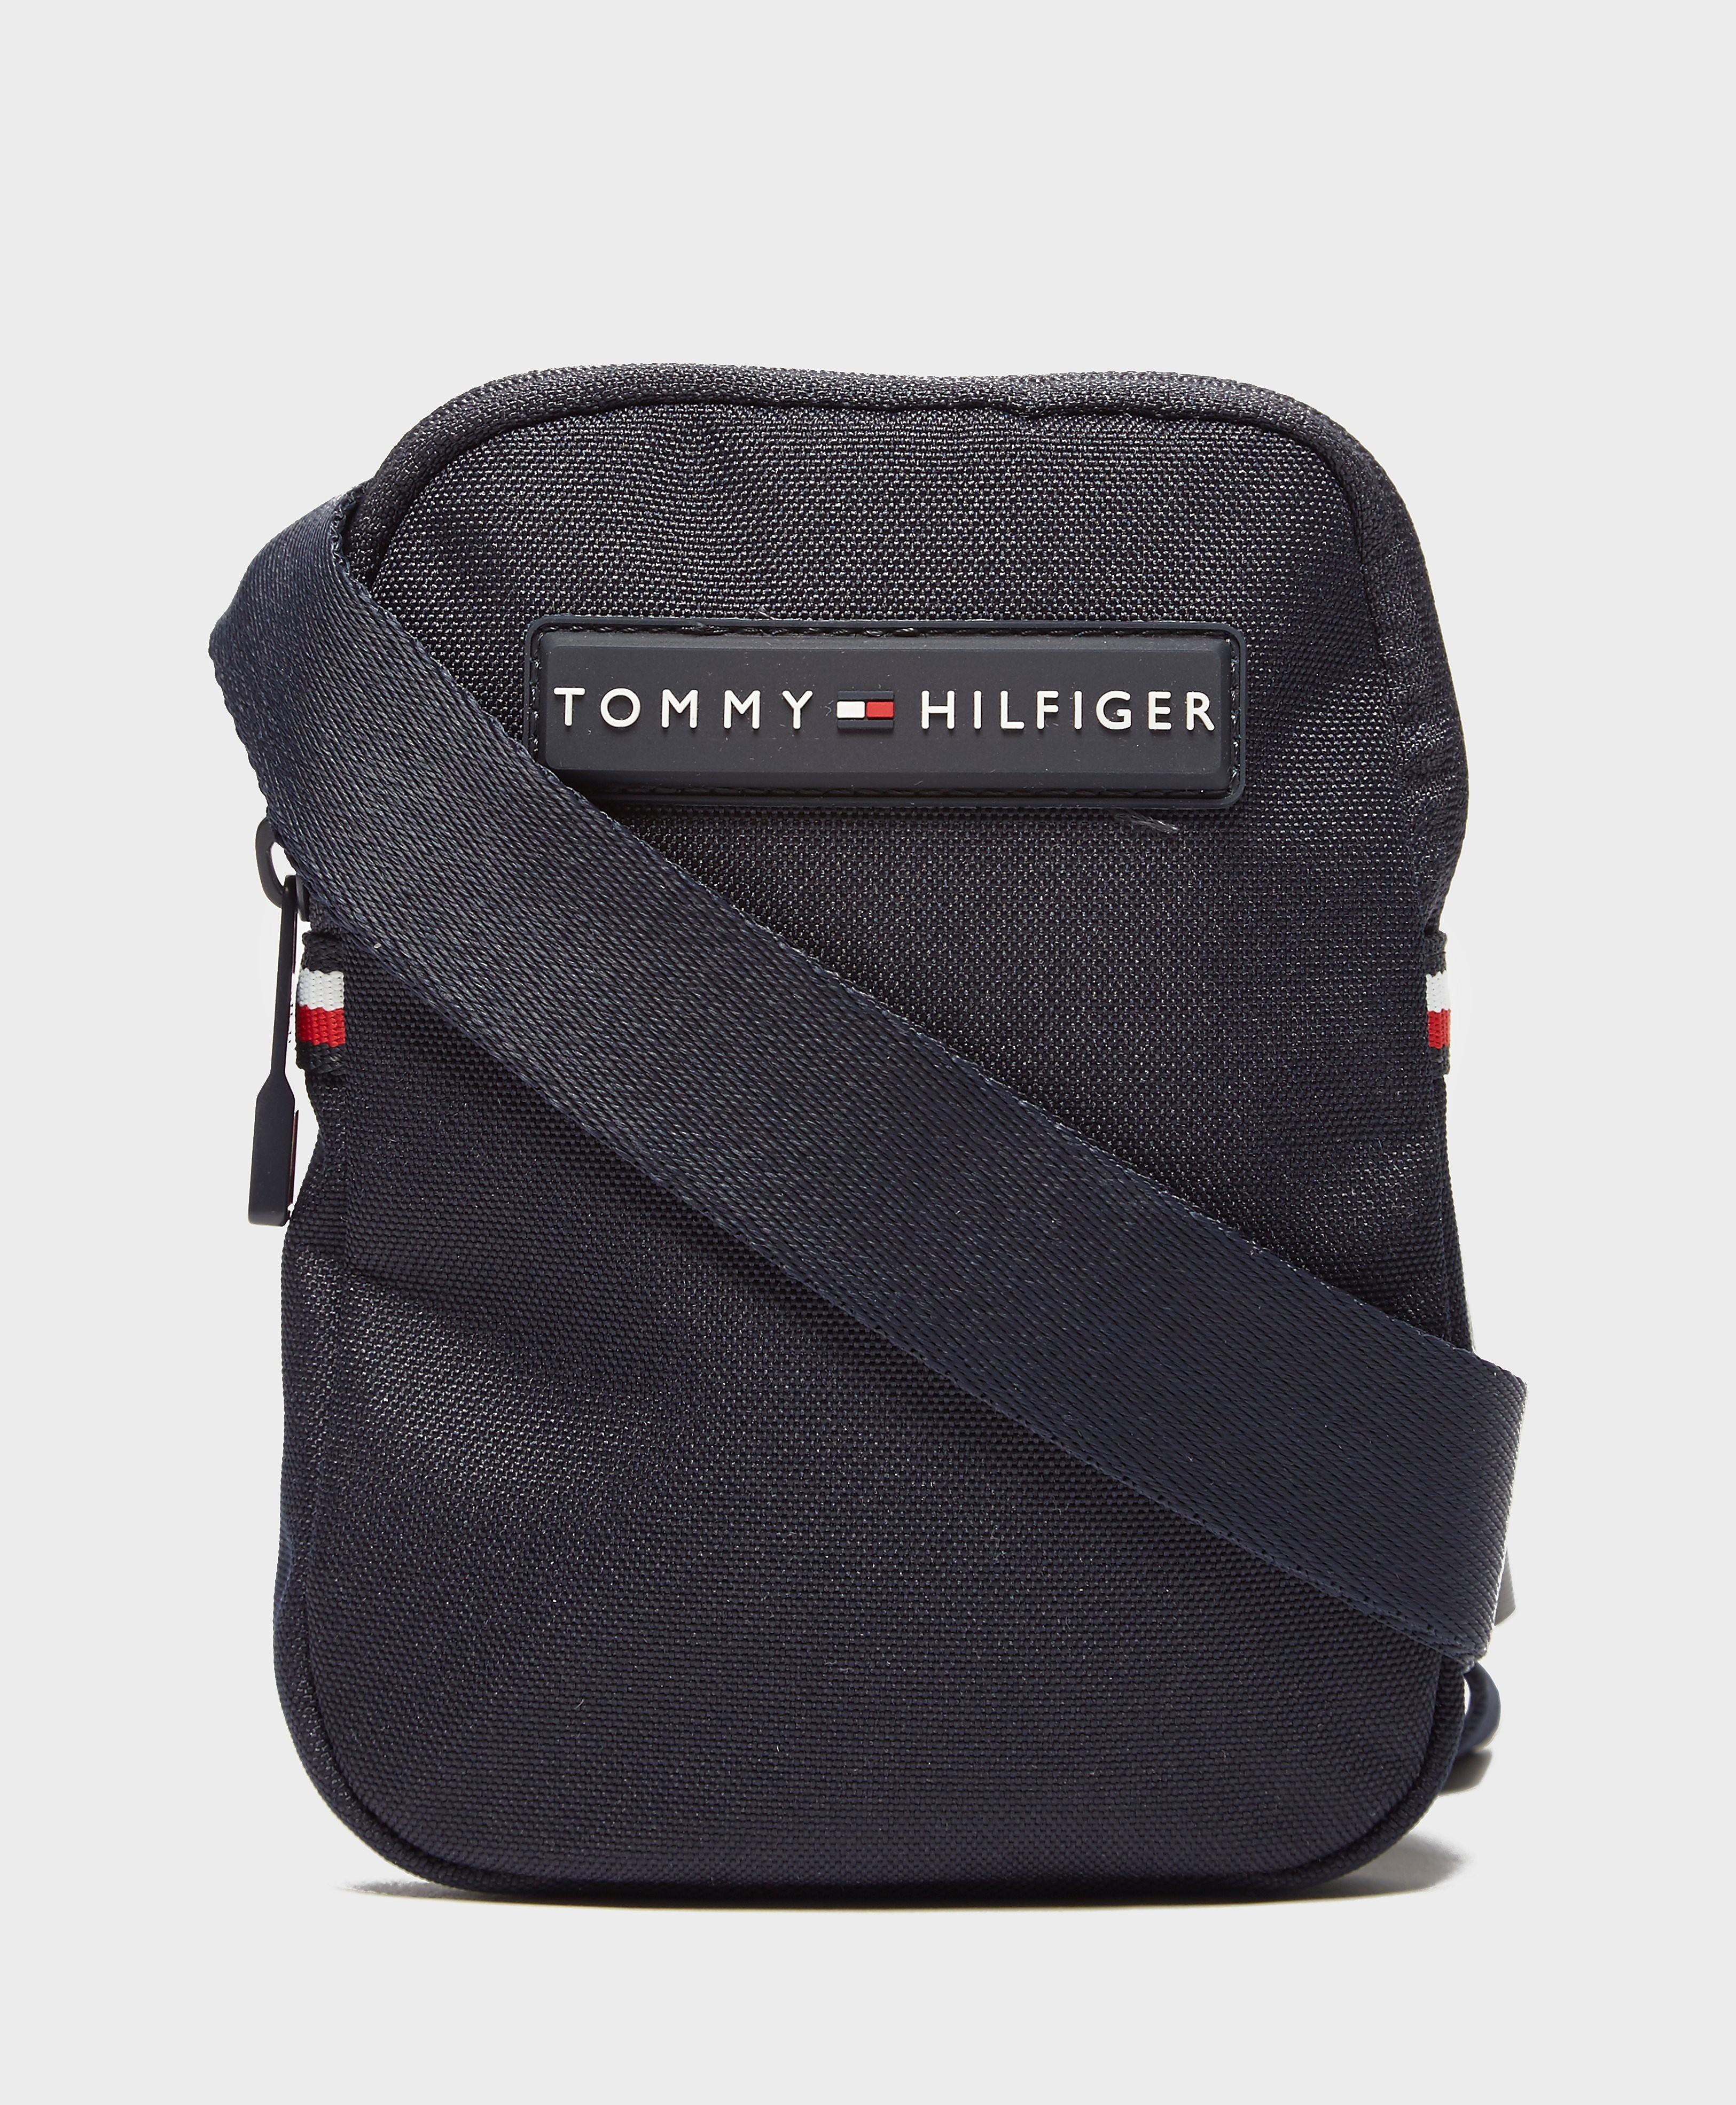 Tommy Hilfiger Festival Bag